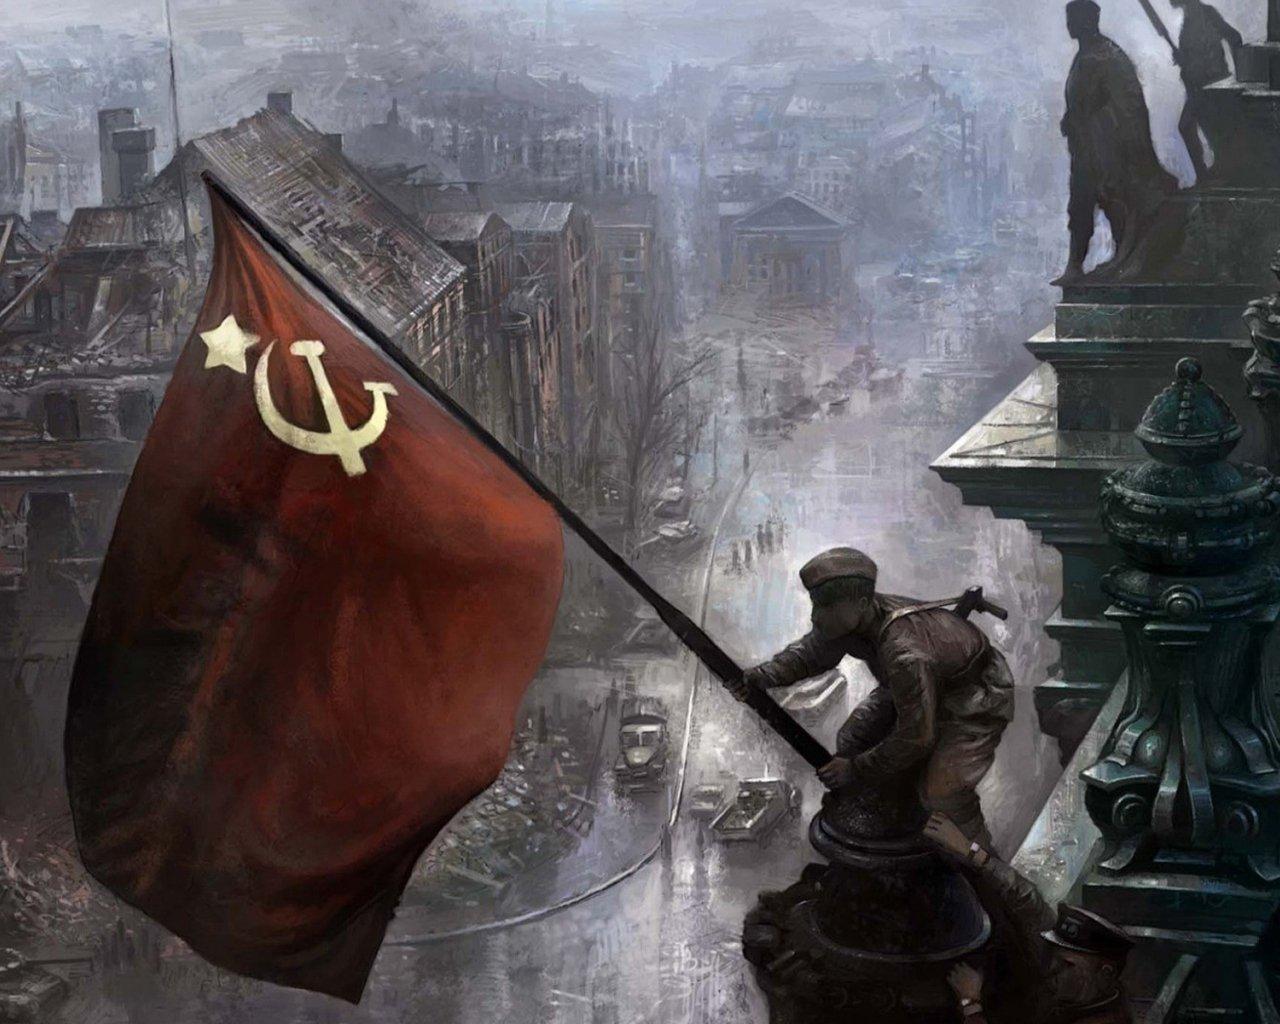 В ночь на 1 мая 1945 года в Берлине на куполе Рейхстага было установлено Знамя Победы!